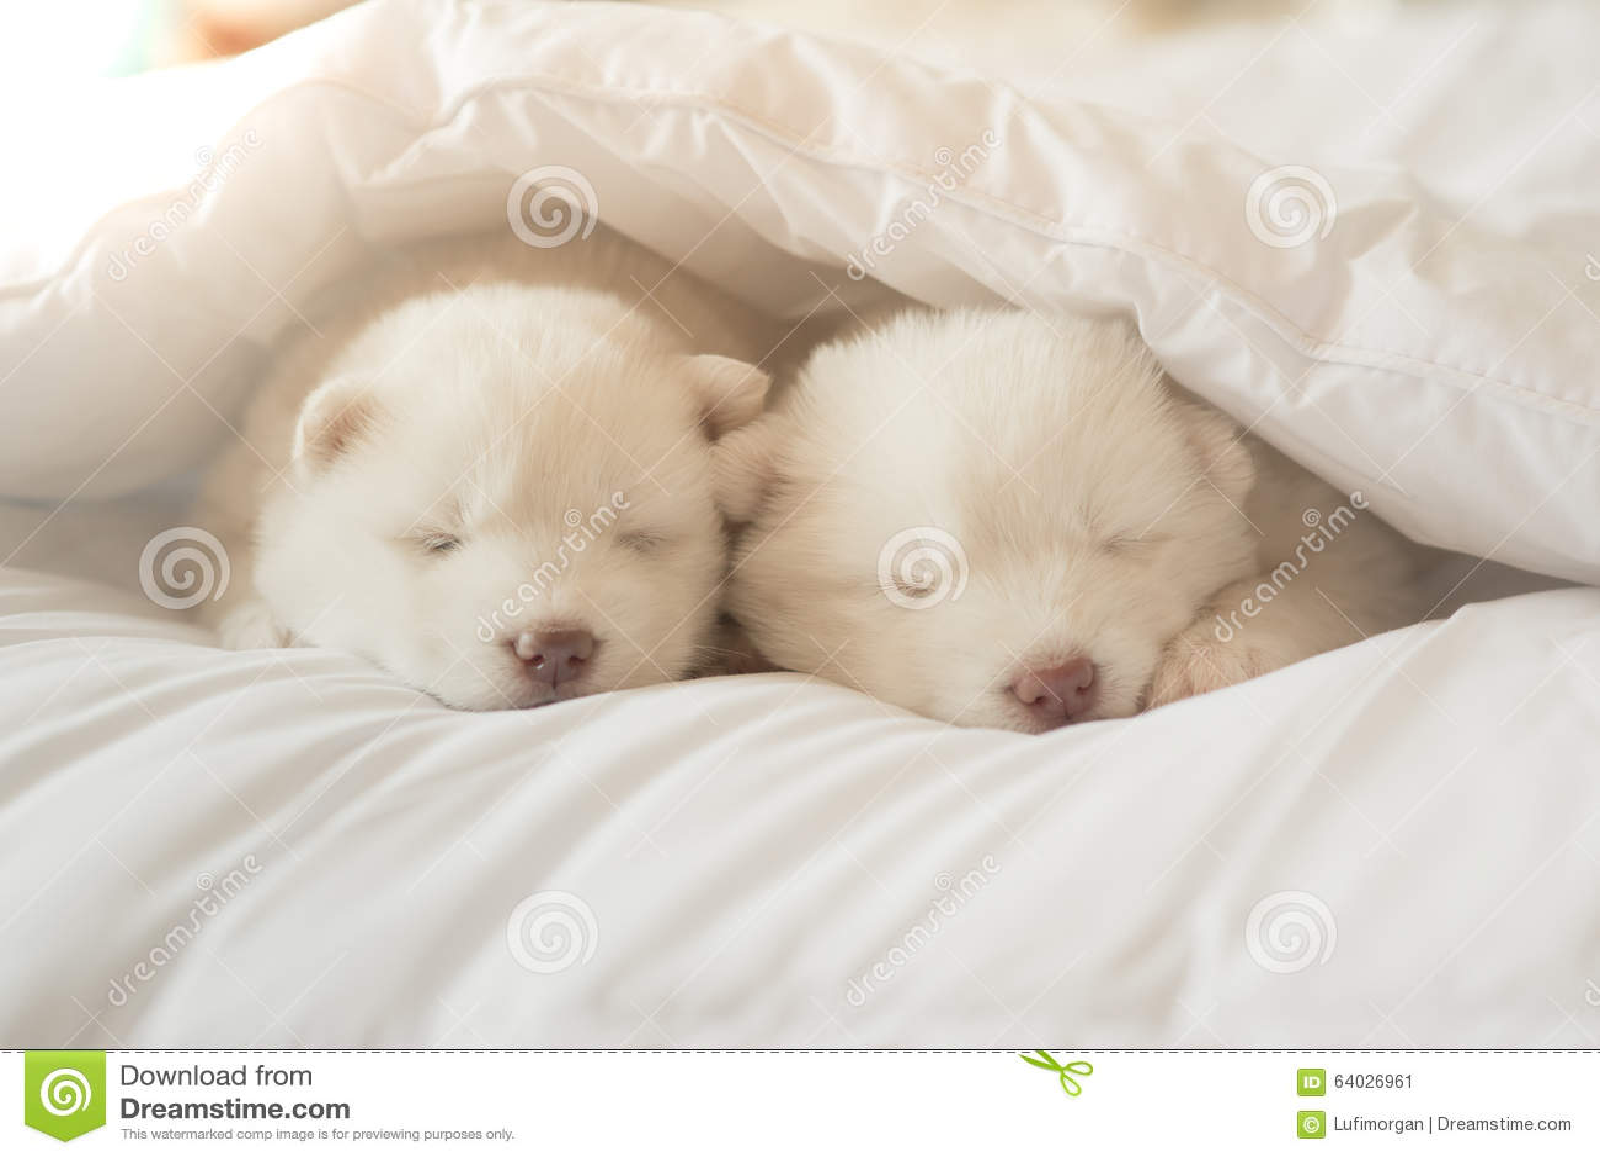 Puppy Sleeping Under Bed